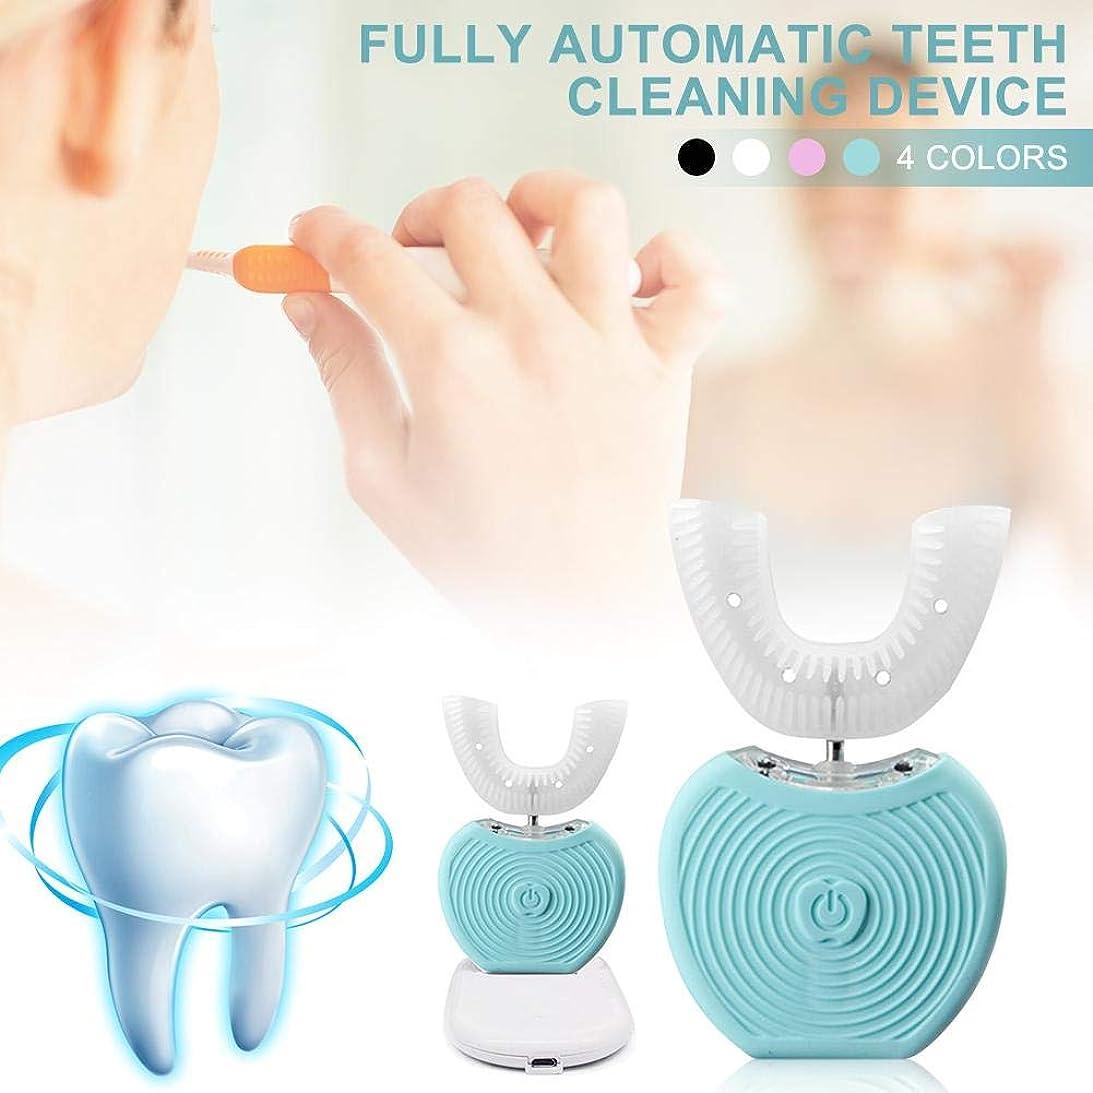 すべて信条数値USBポータブル電動歯ブラシ IPX7防水 ブルーレイホワイトニングツール AI自動メモリー機能 360度オールラウンド歯ブラシ